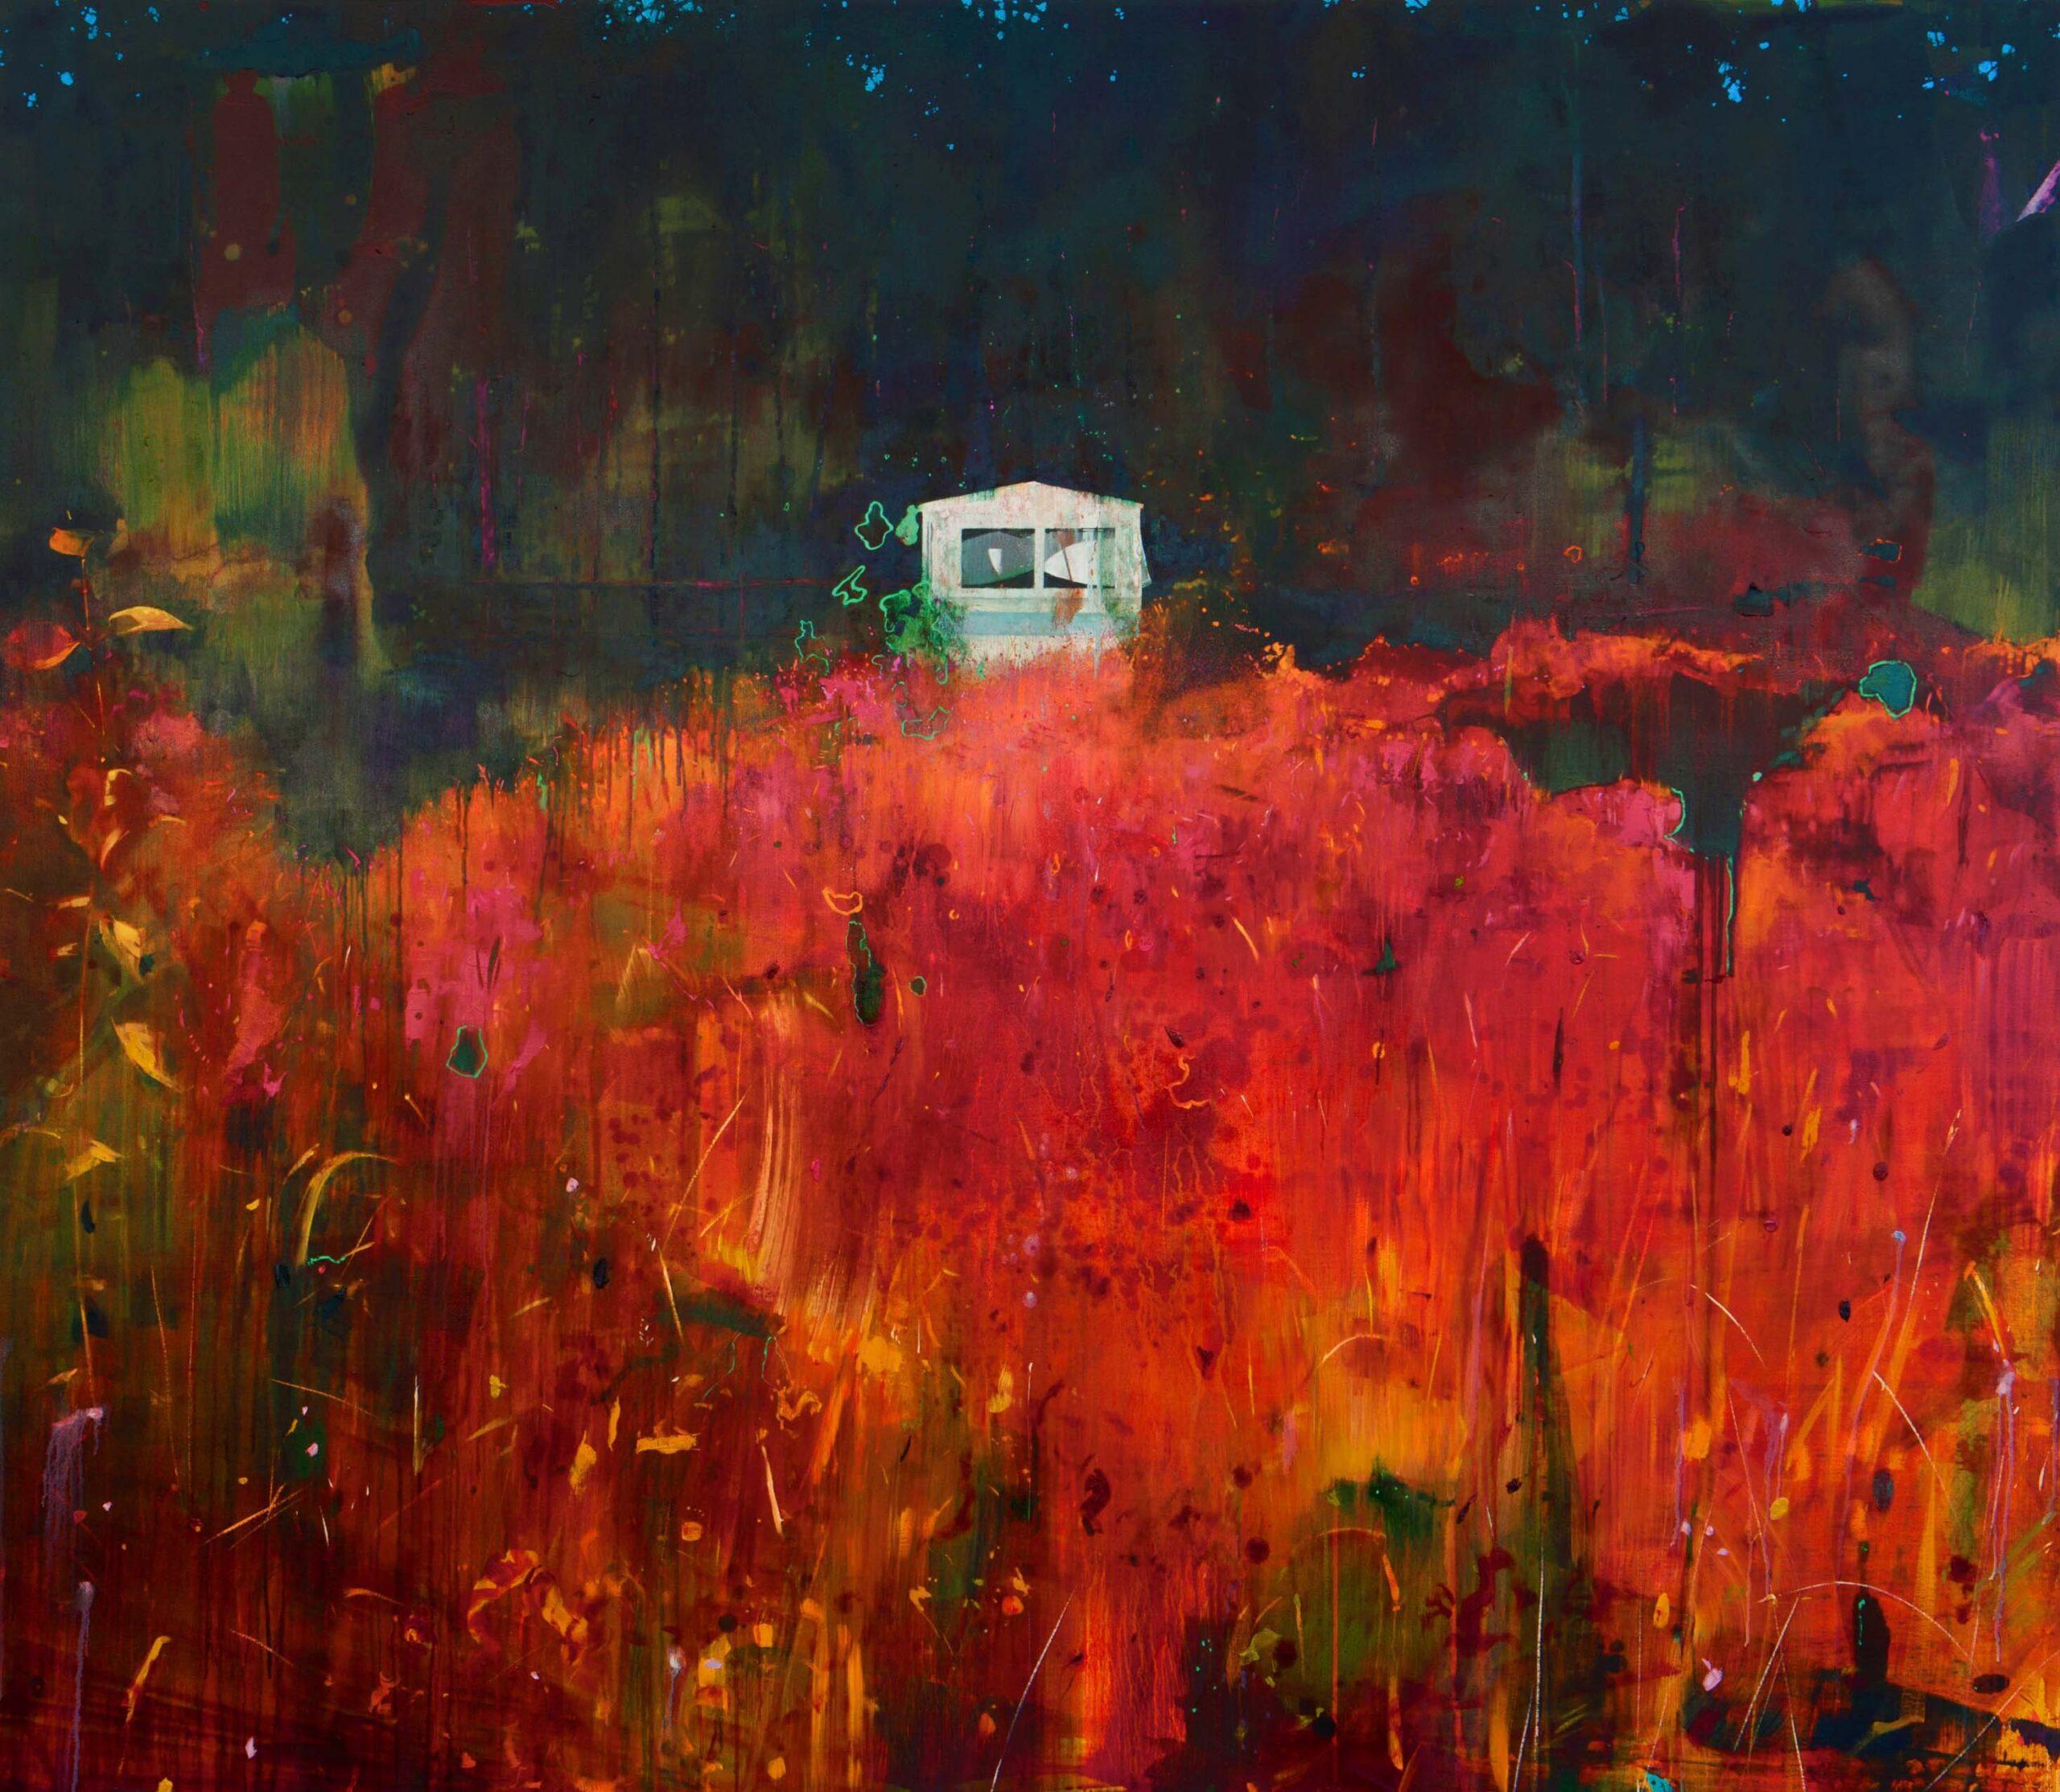 Microscopics 200 x 230 cms oil on canvas